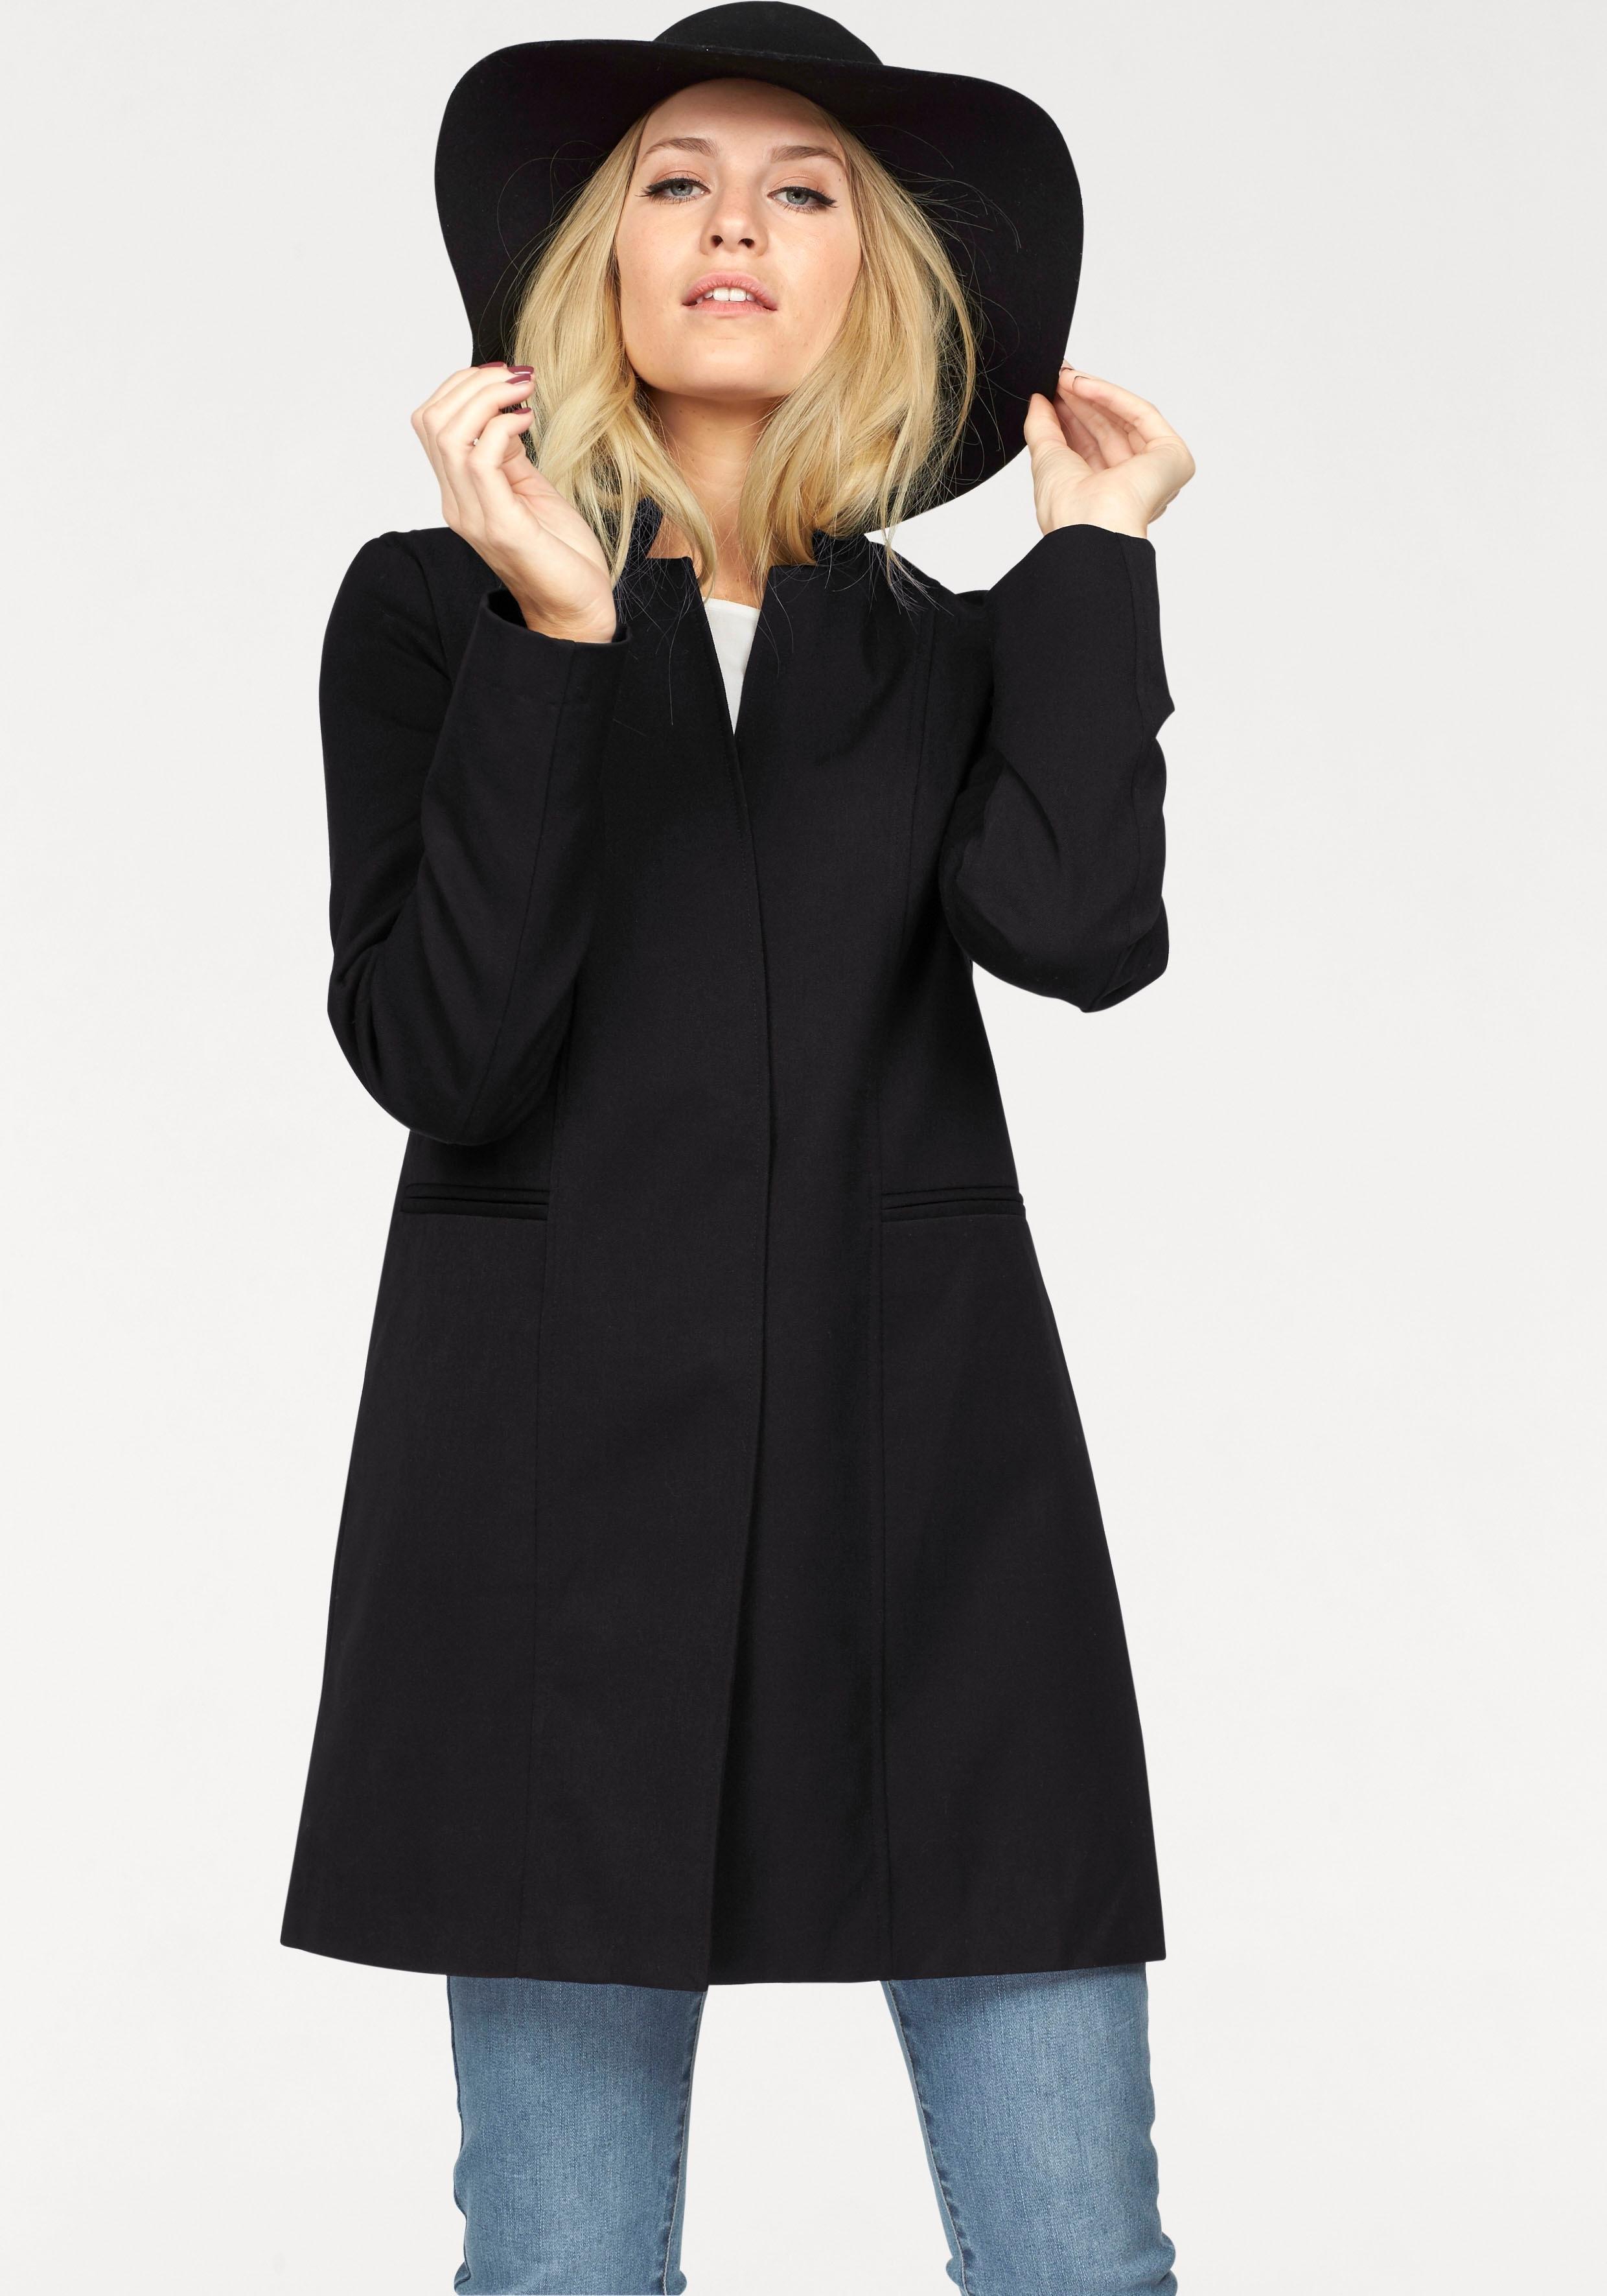 VERO MODA lange blazer »TRINNI« voordelig en veilig online kopen